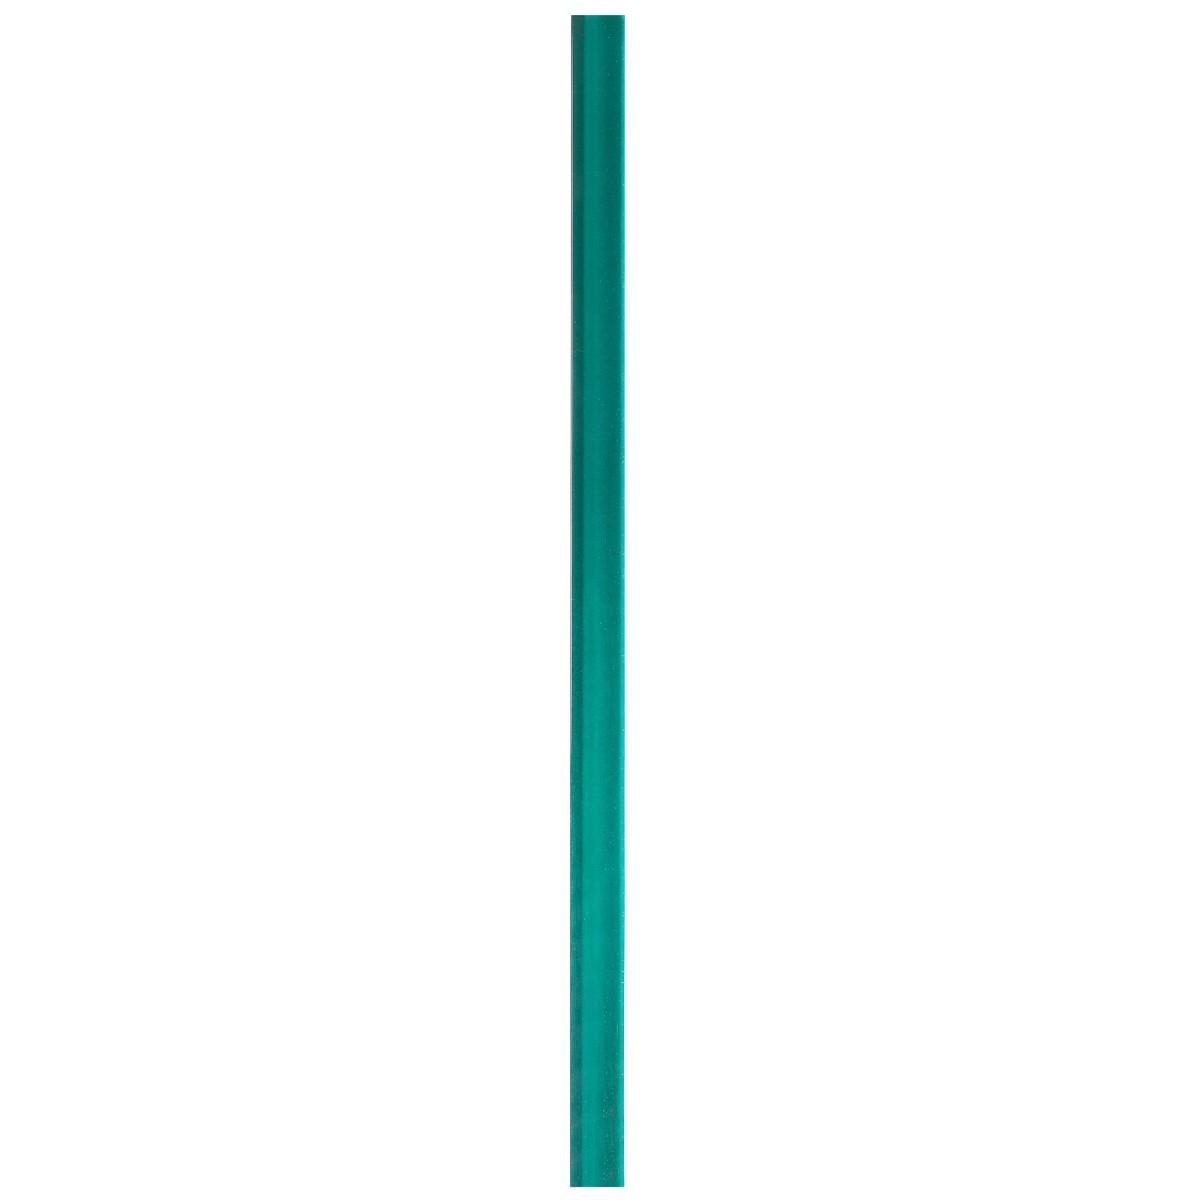 Бордюр «Mint Glass» Сорт1 2x44 см цвет зелёный